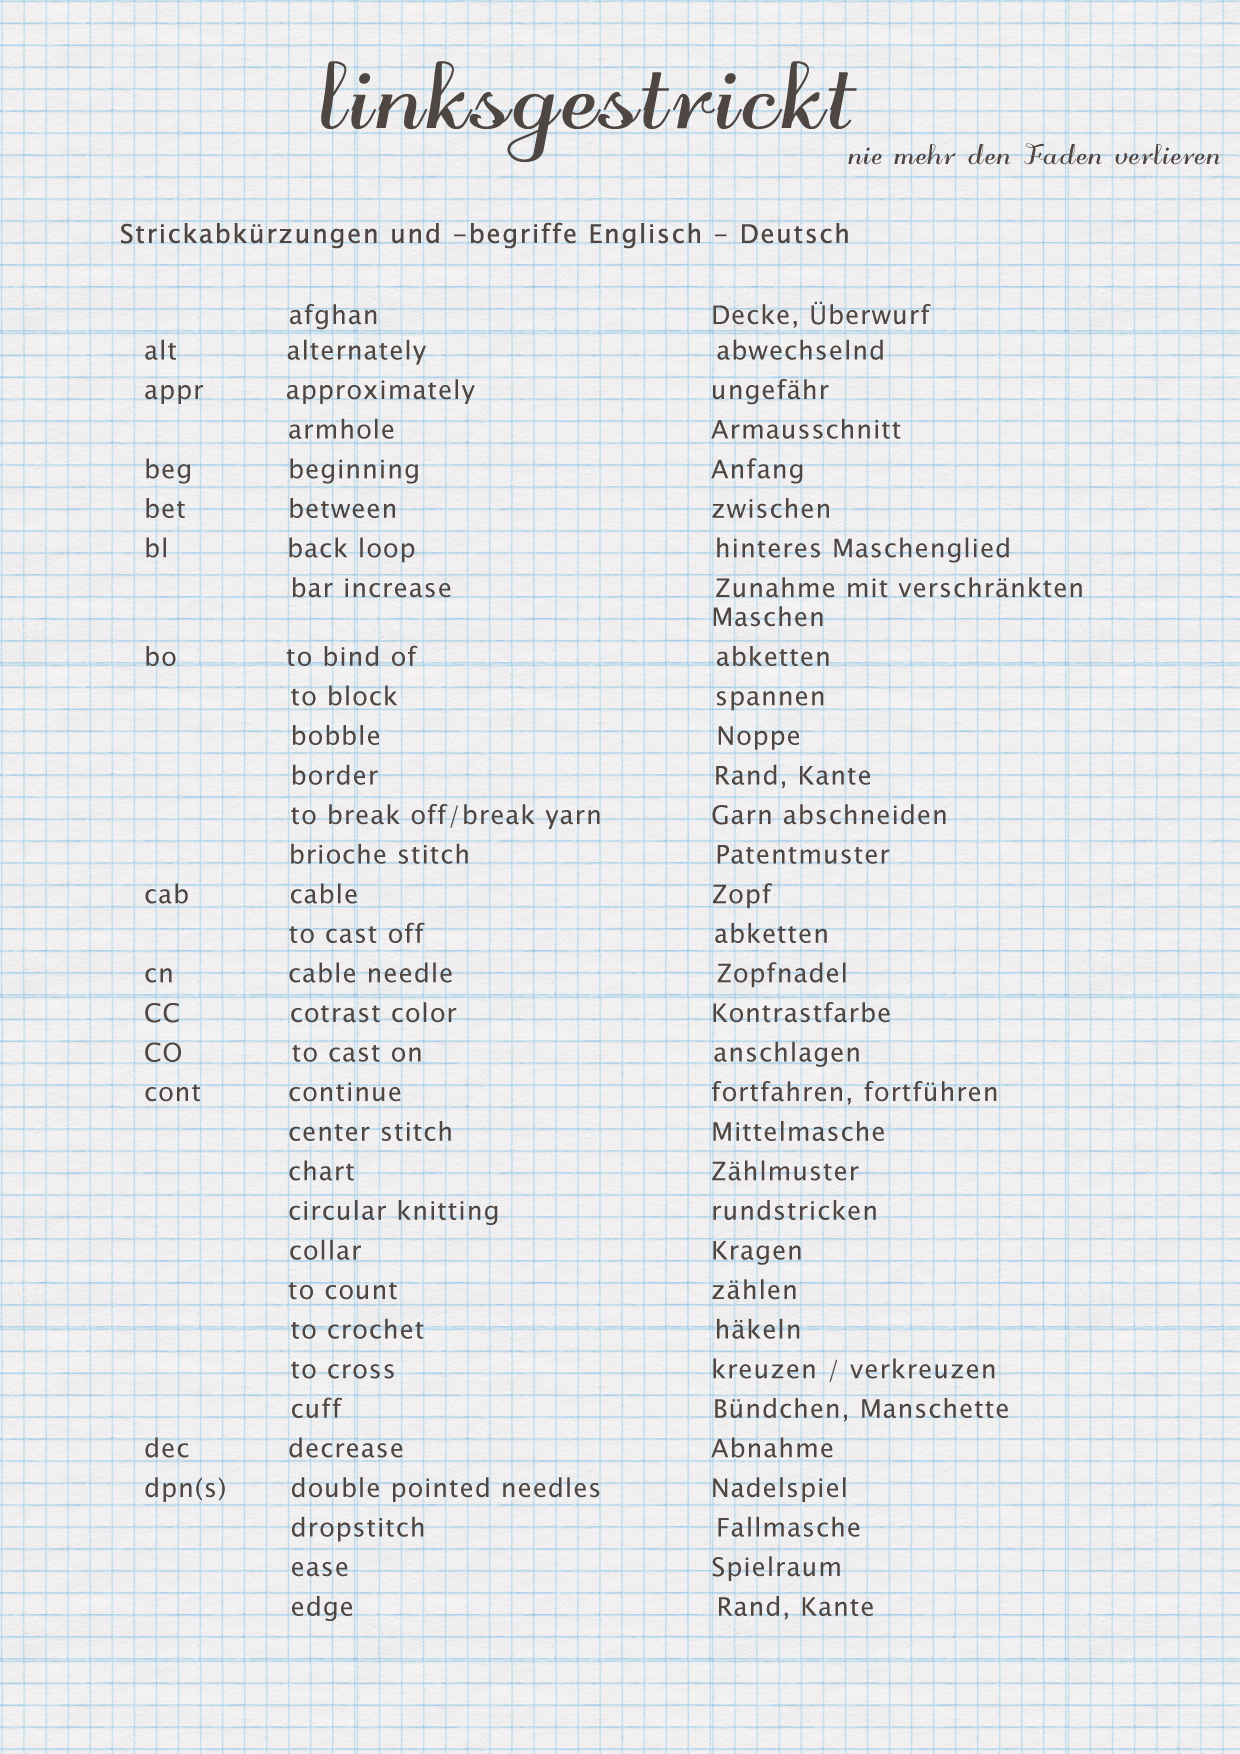 Kleines Strickwörterbuch Englisch Deutsch